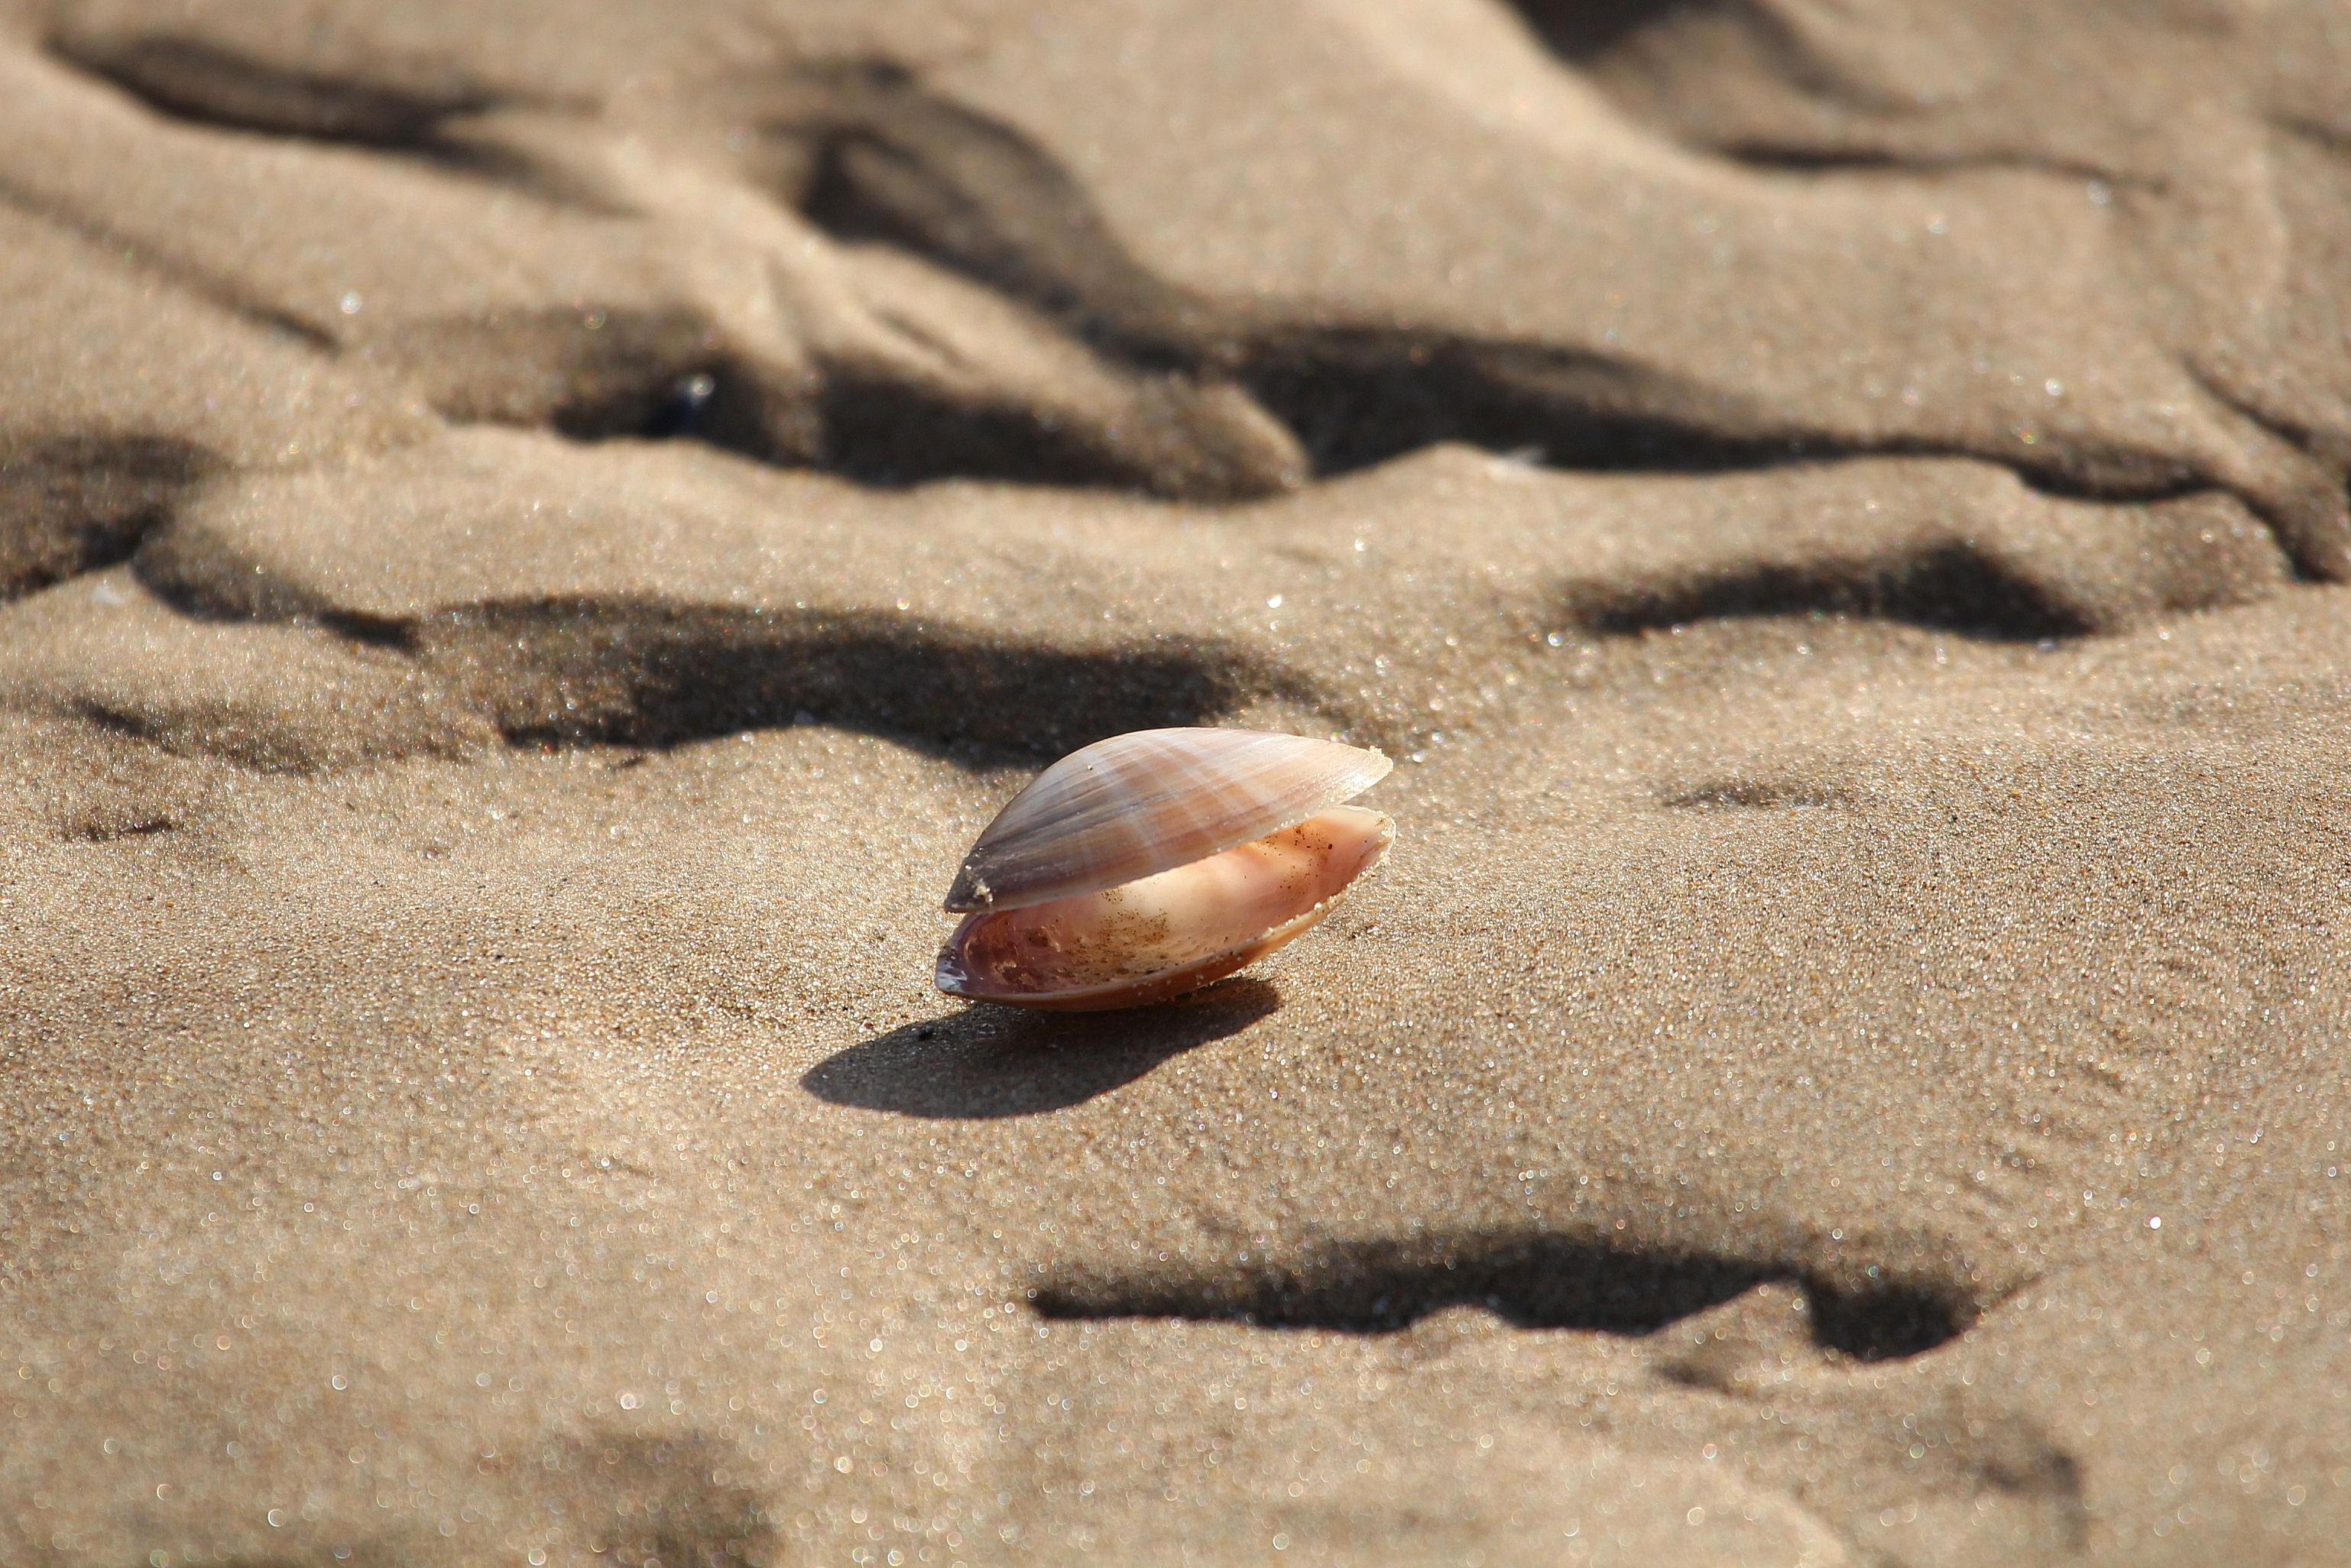 прорисовки кружева песчаное дно под водой с ракушками фото улучшенная комфорту модификация